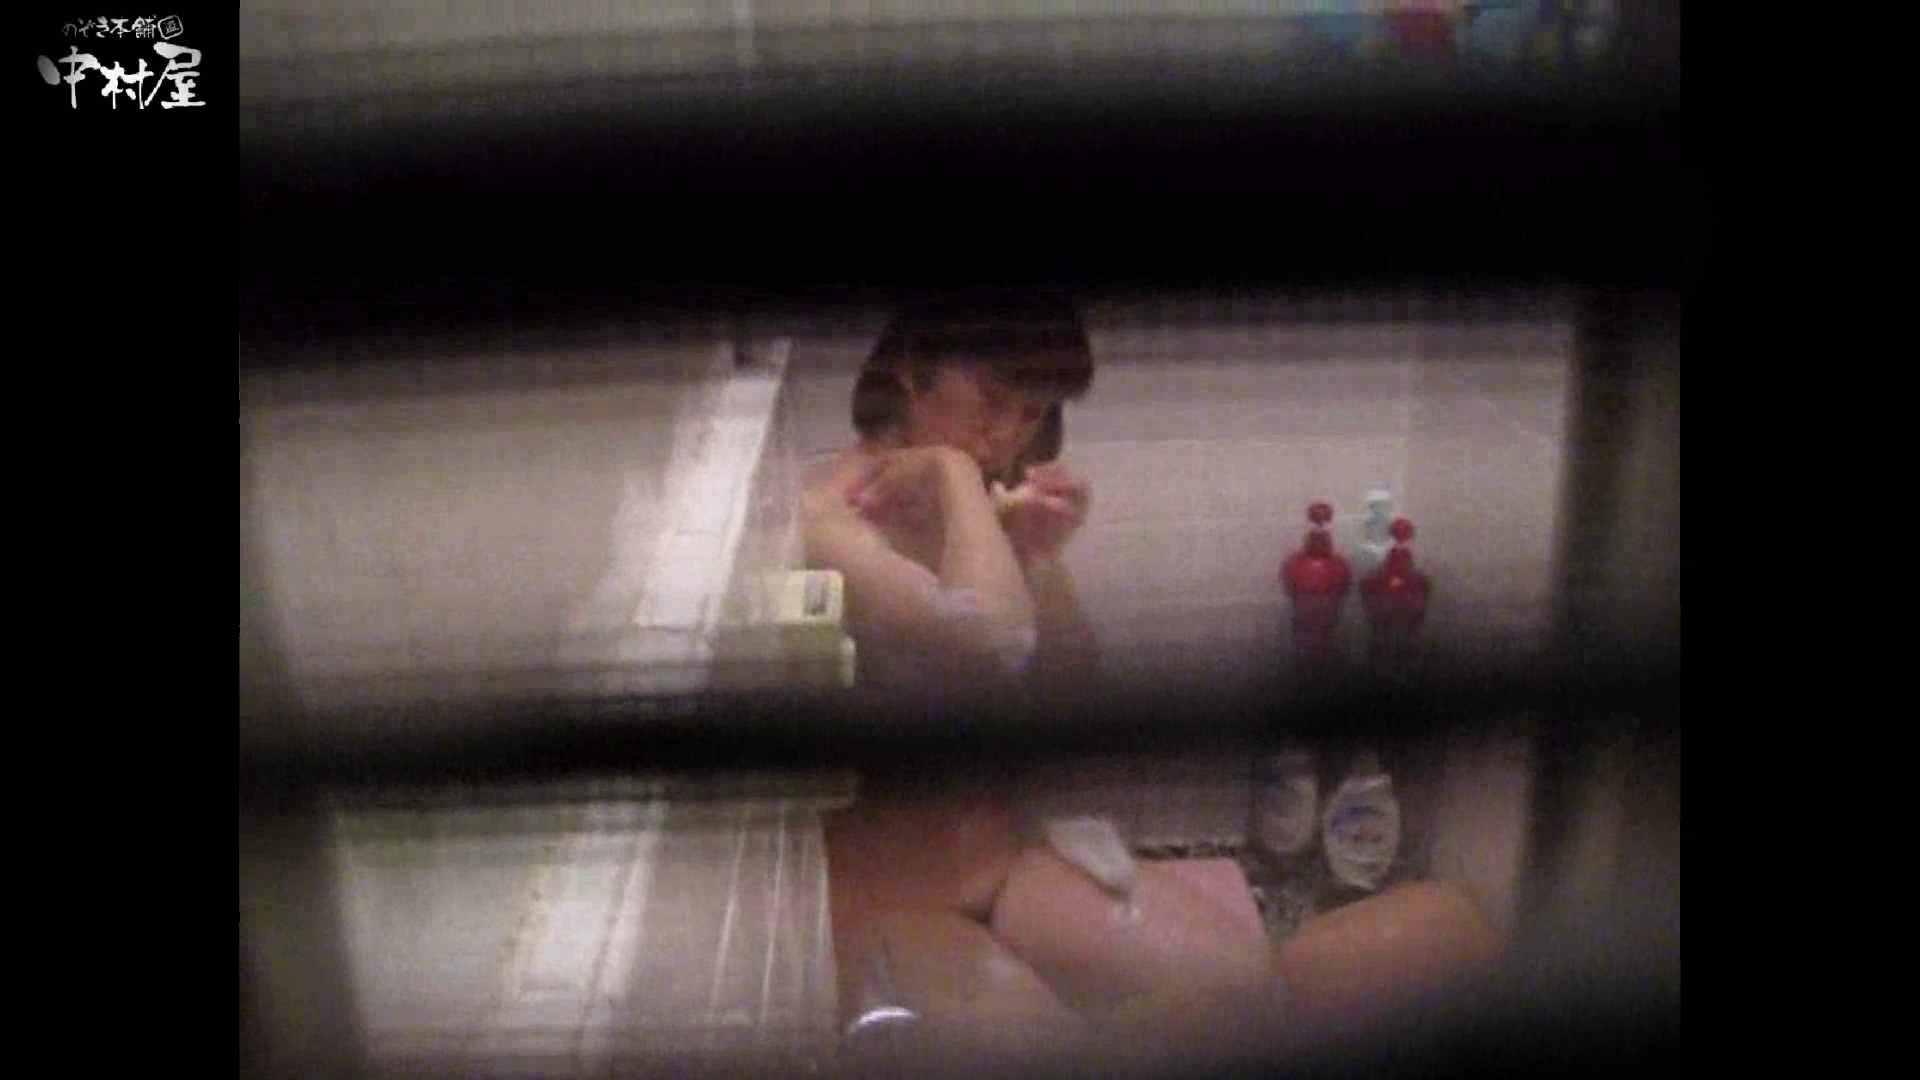 民家風呂専門盗撮師の超危険映像 vol.017 民家 盗撮動画紹介 93PICs 35